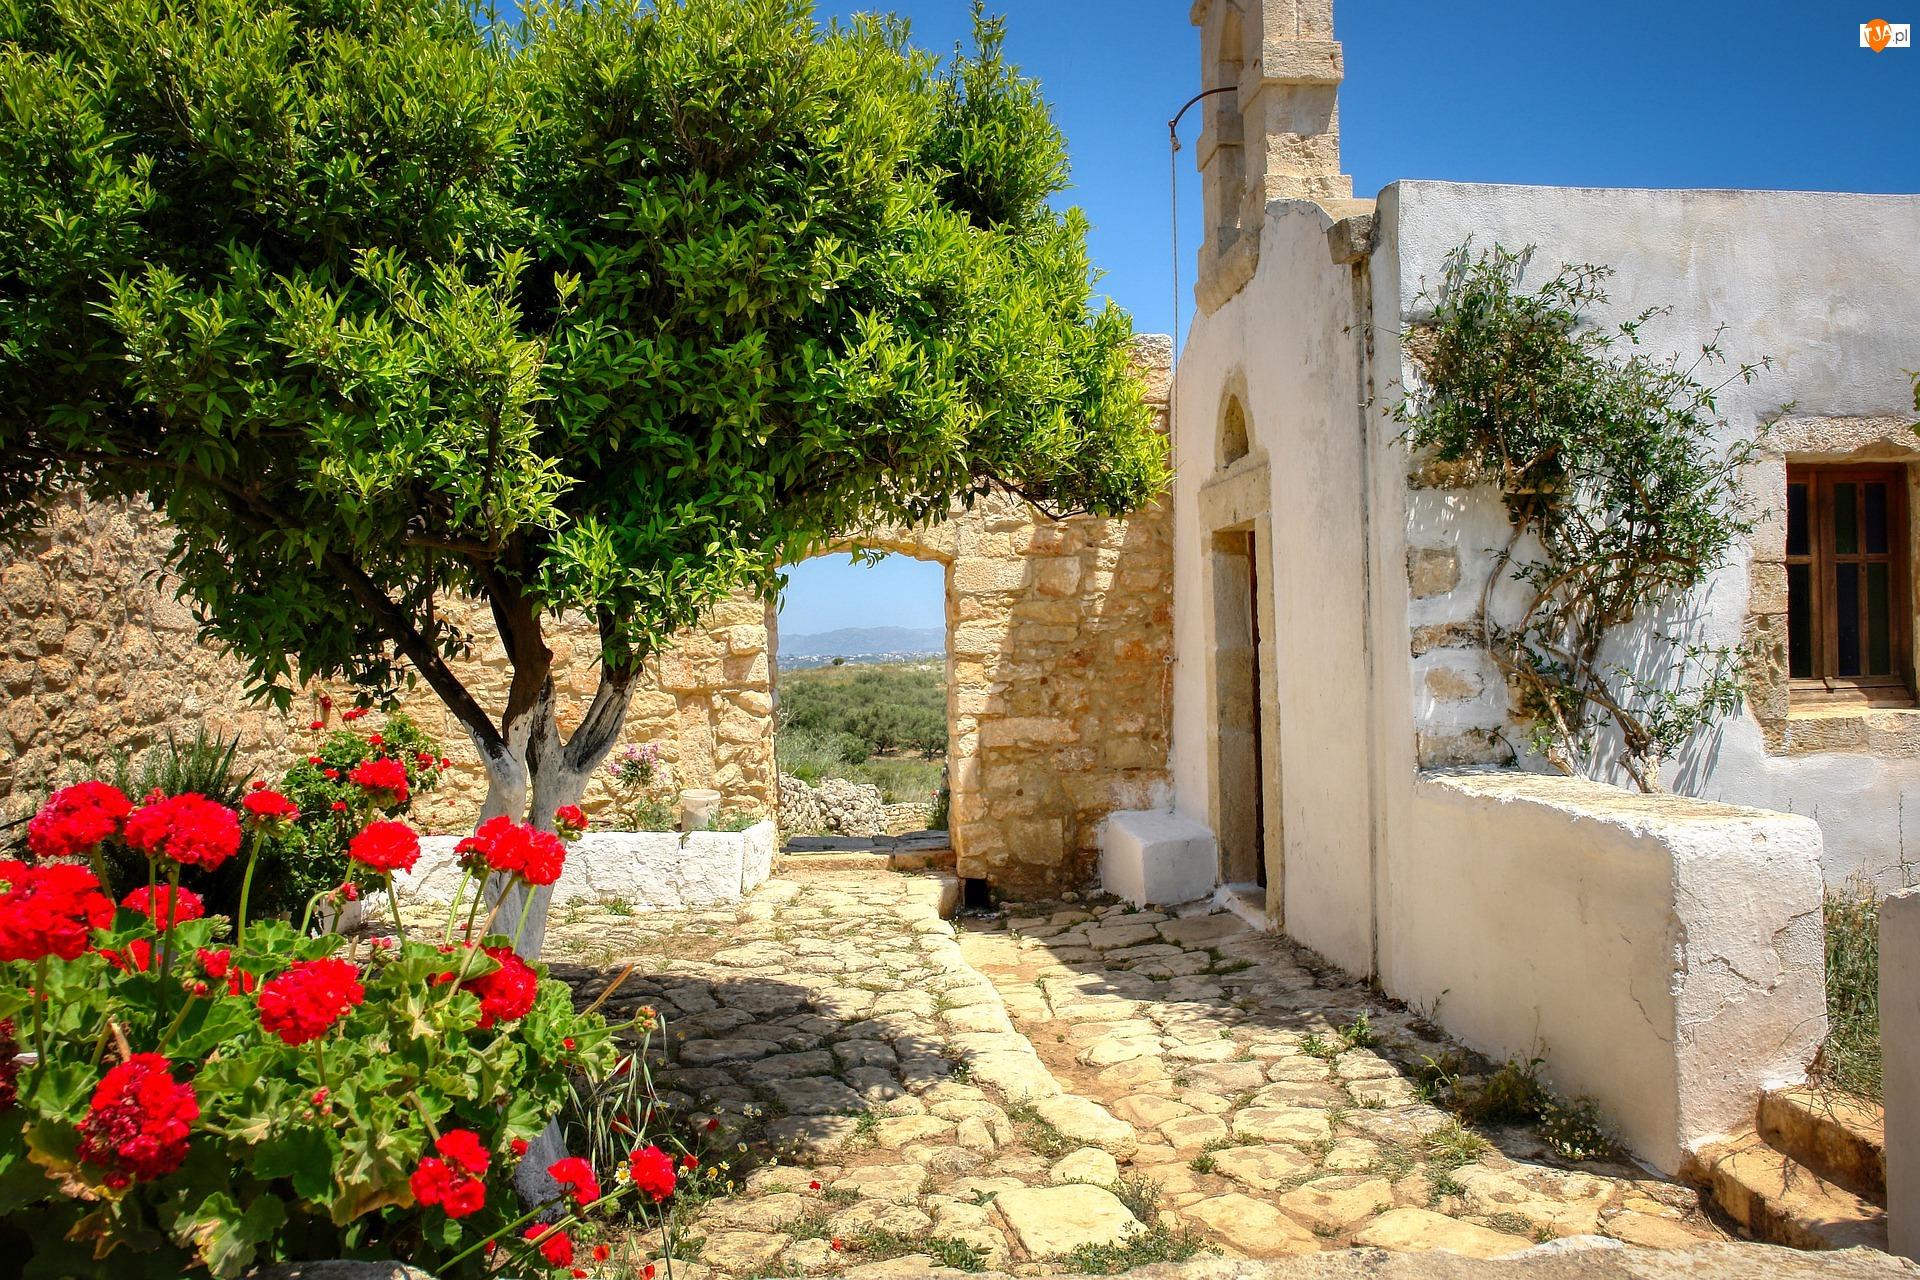 Dziedziniec, Mur, Pelargonie, Dom, Kwiaty, Drzewo, Brama